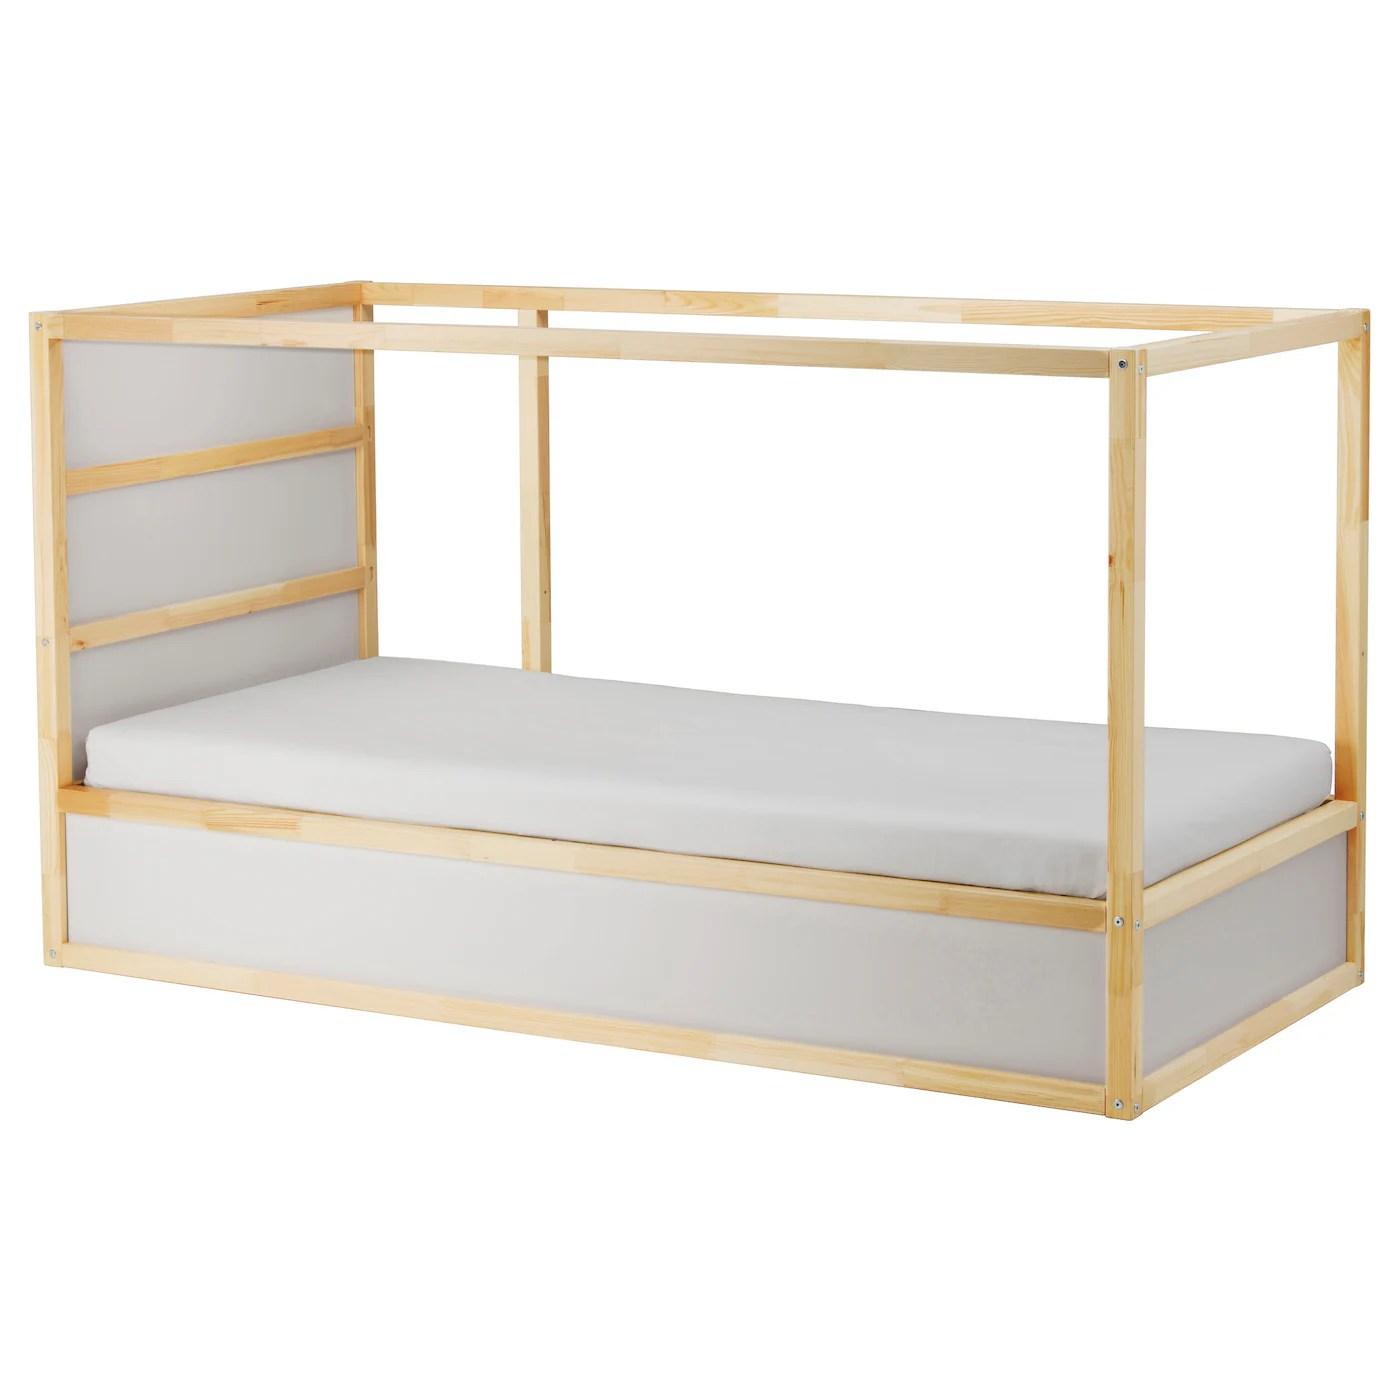 Kura Reversible Bed White Pine 90x200 Cm Ikea Ireland